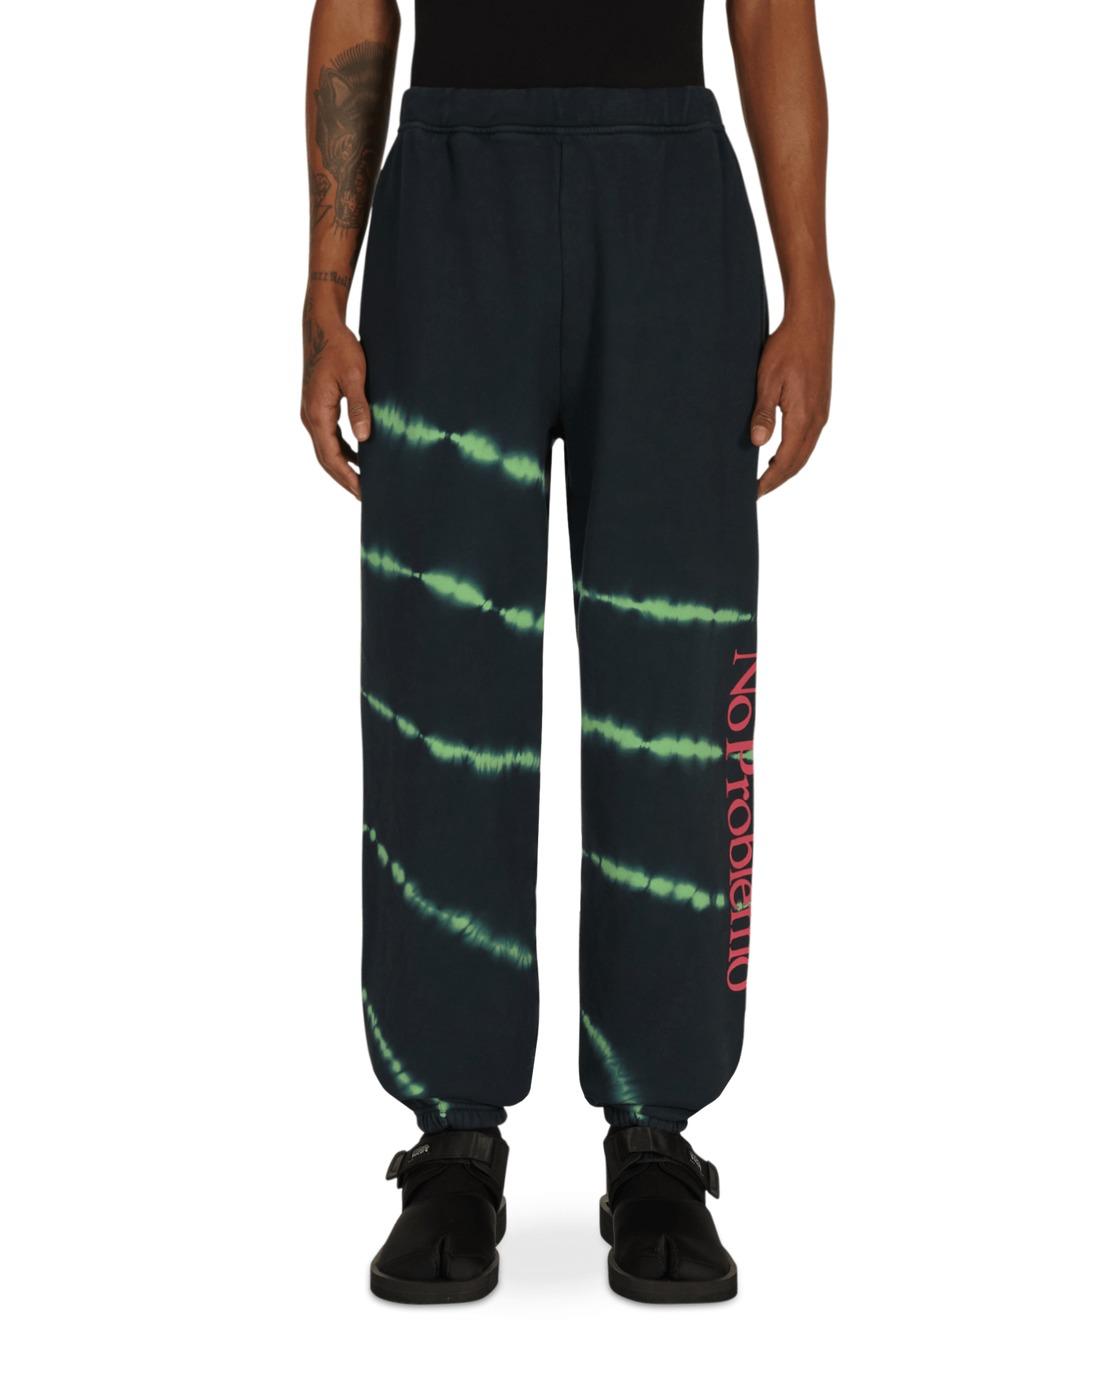 Photo: Aries Tie Dye No Problemo Sweatpants Green